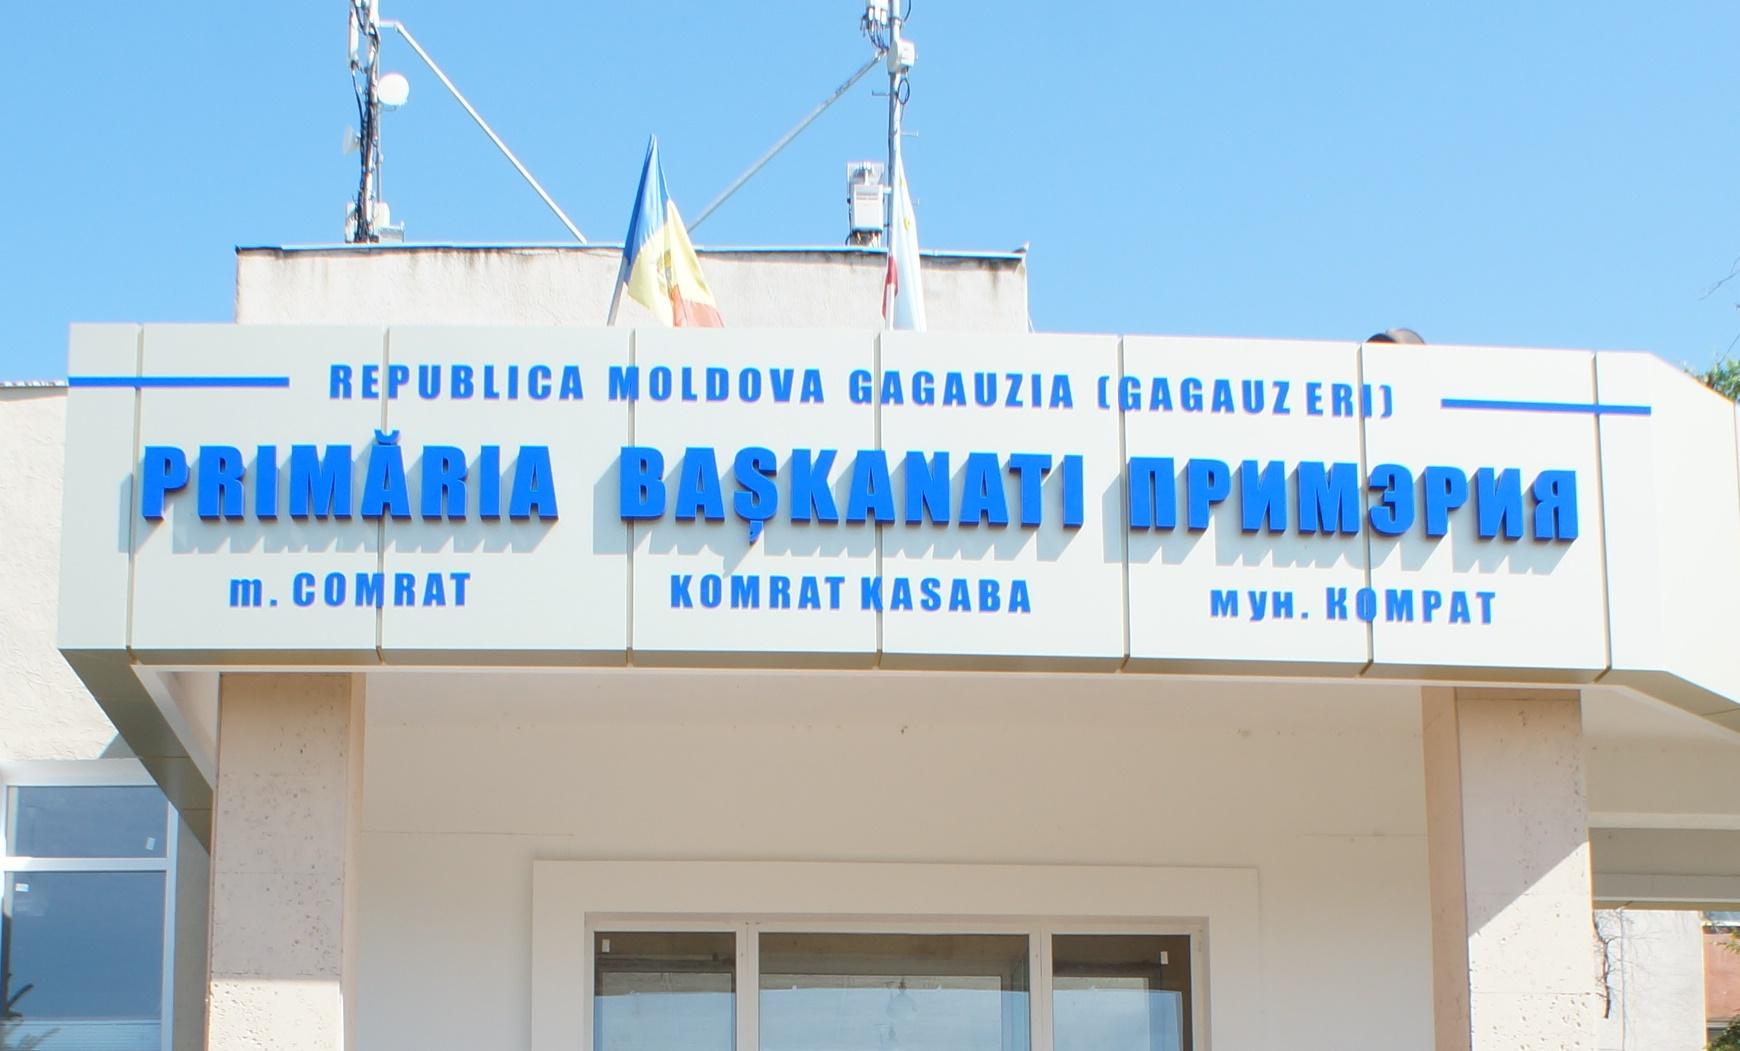 График заседаний консультативных комиссий муниципального совета м. Комрат